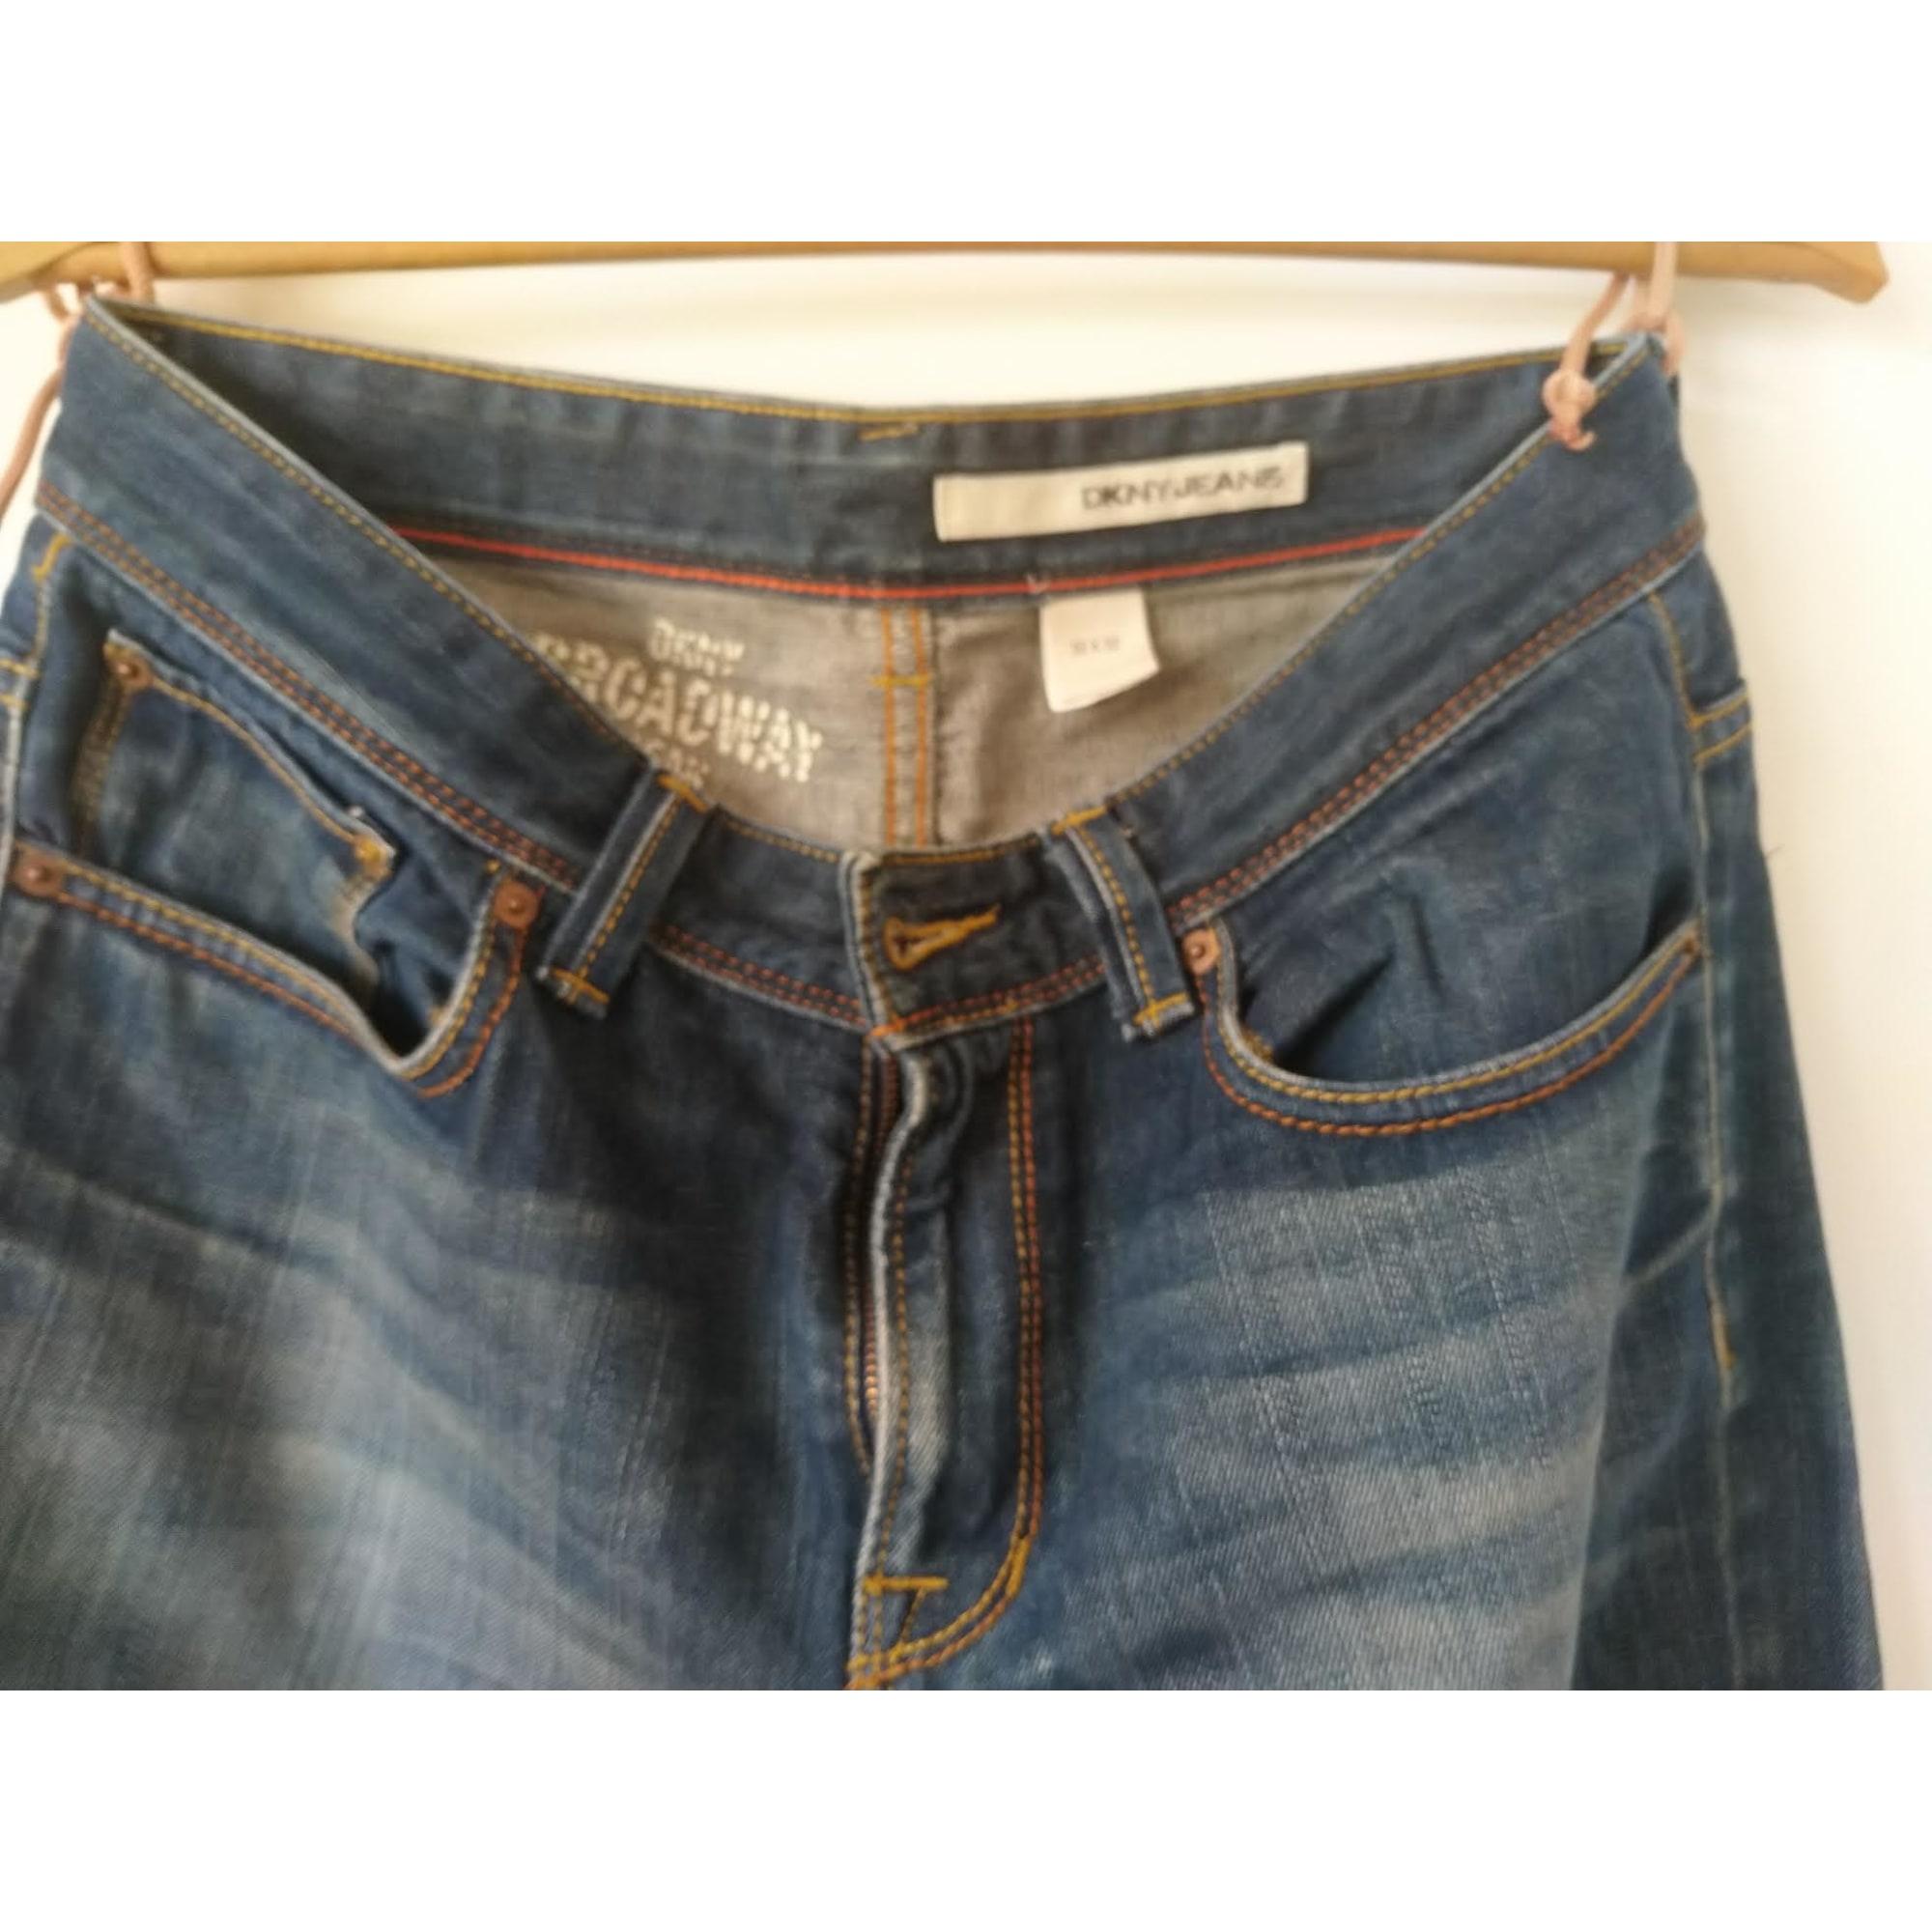 Jeans droit DKNY JEANS Bleu, bleu marine, bleu turquoise